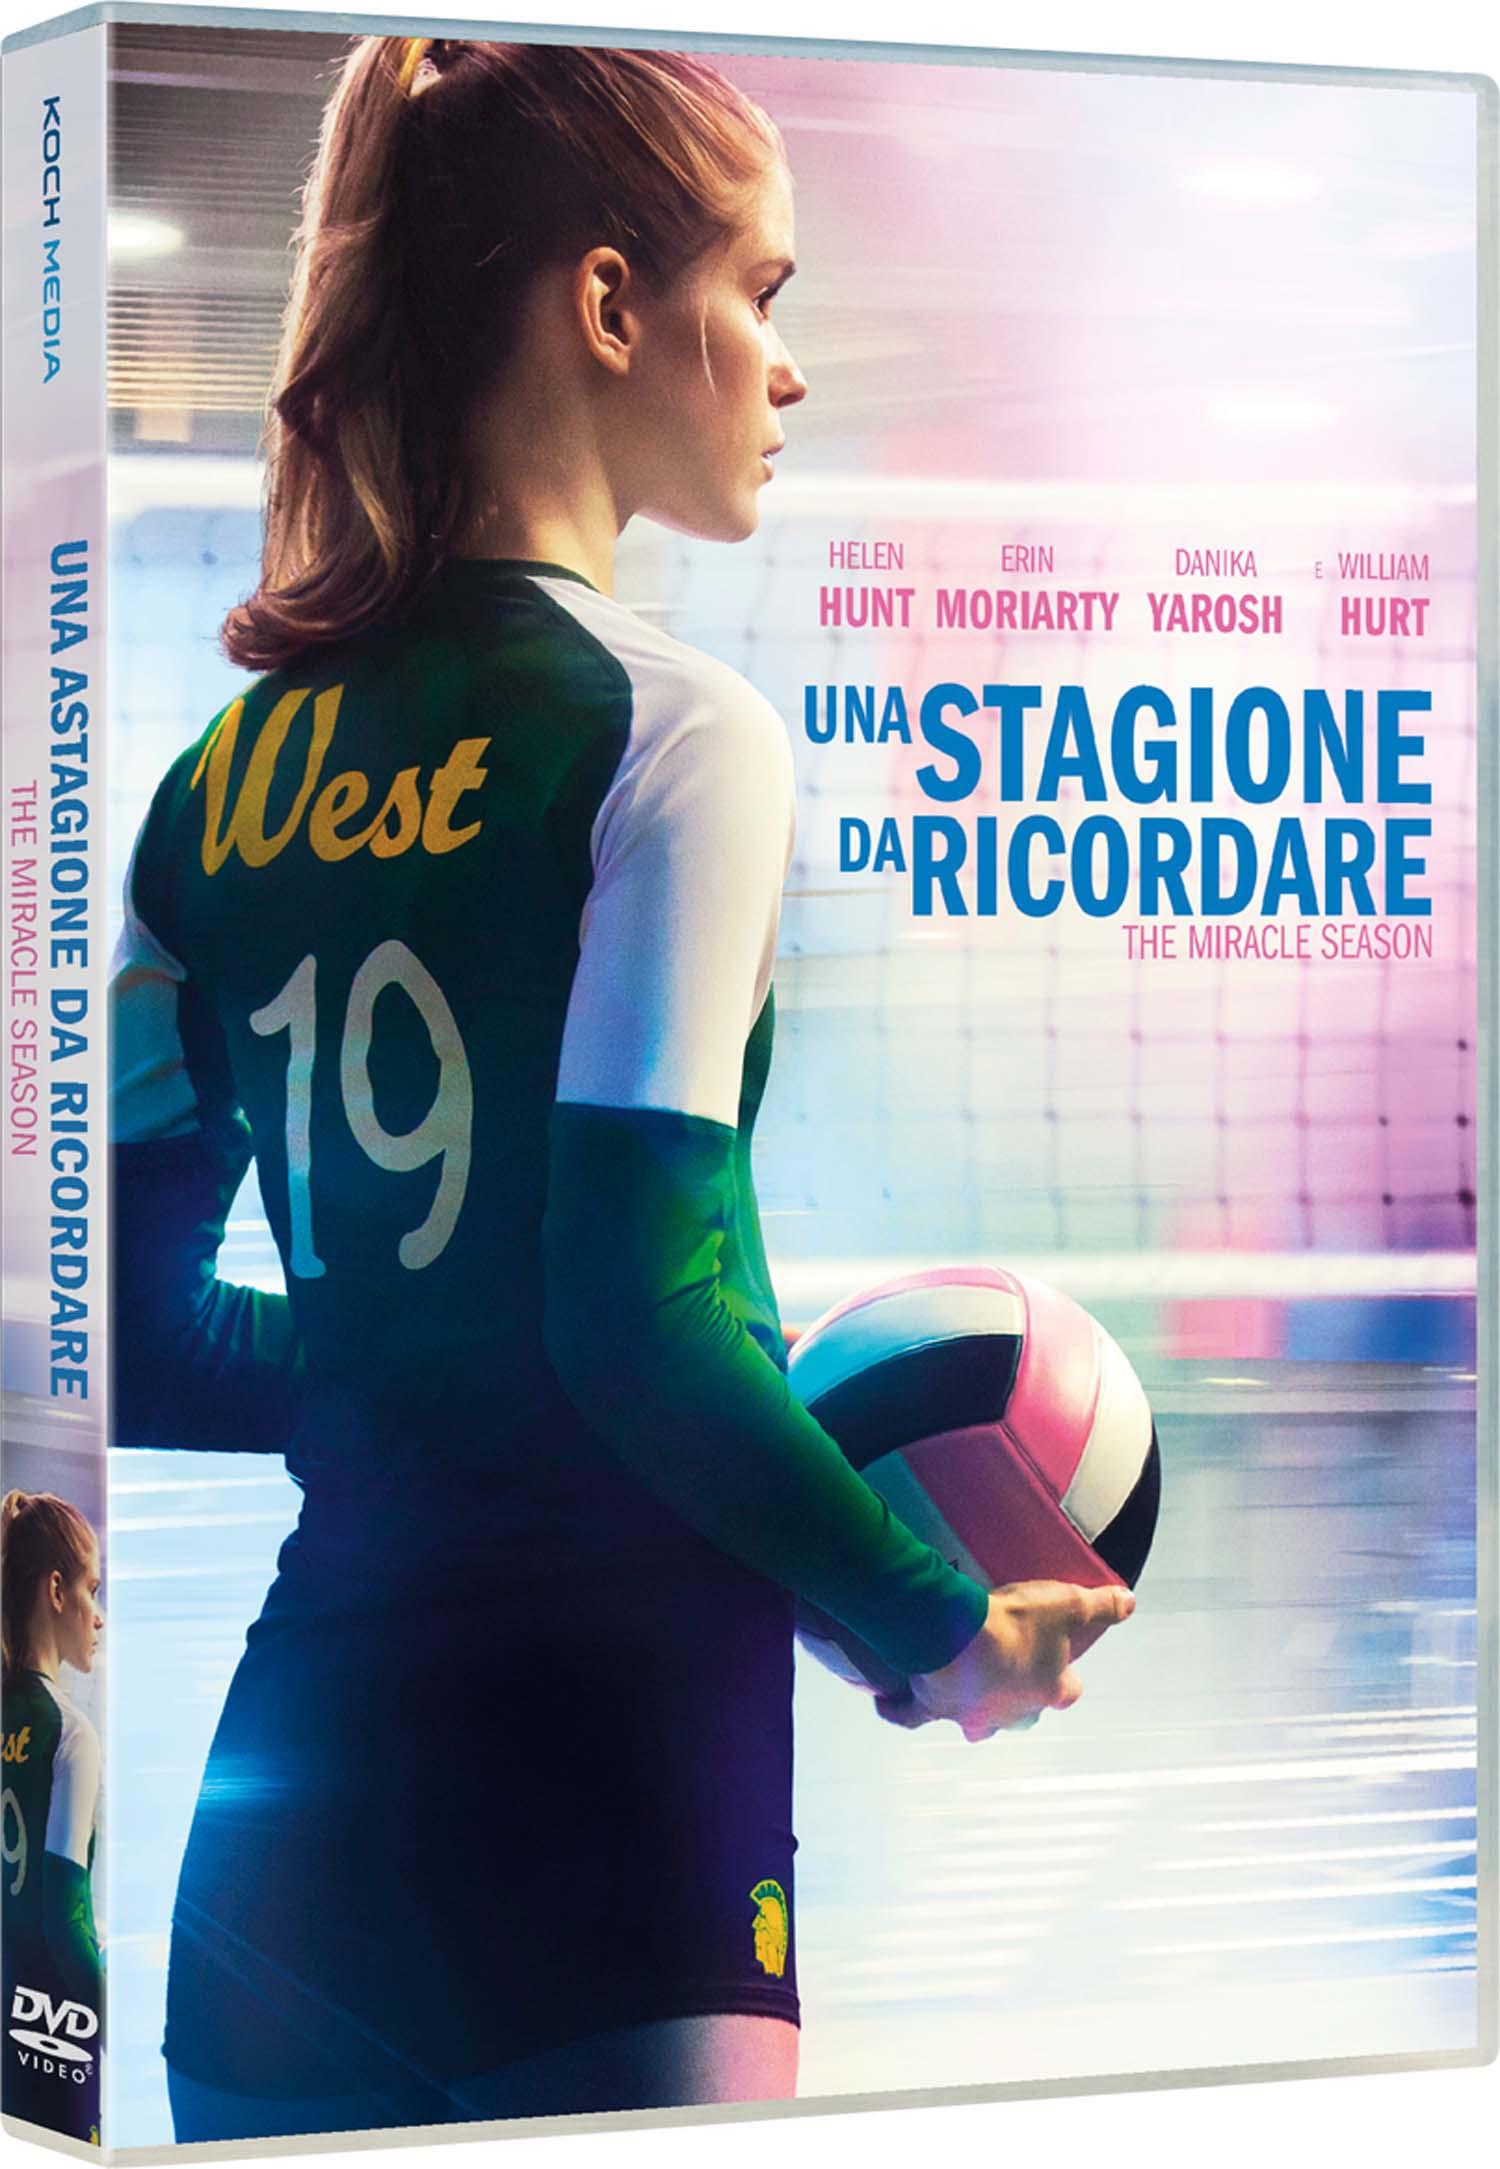 THE MIRACLE SEASON - UNA STAGIONE DA RICORDARE (DVD)